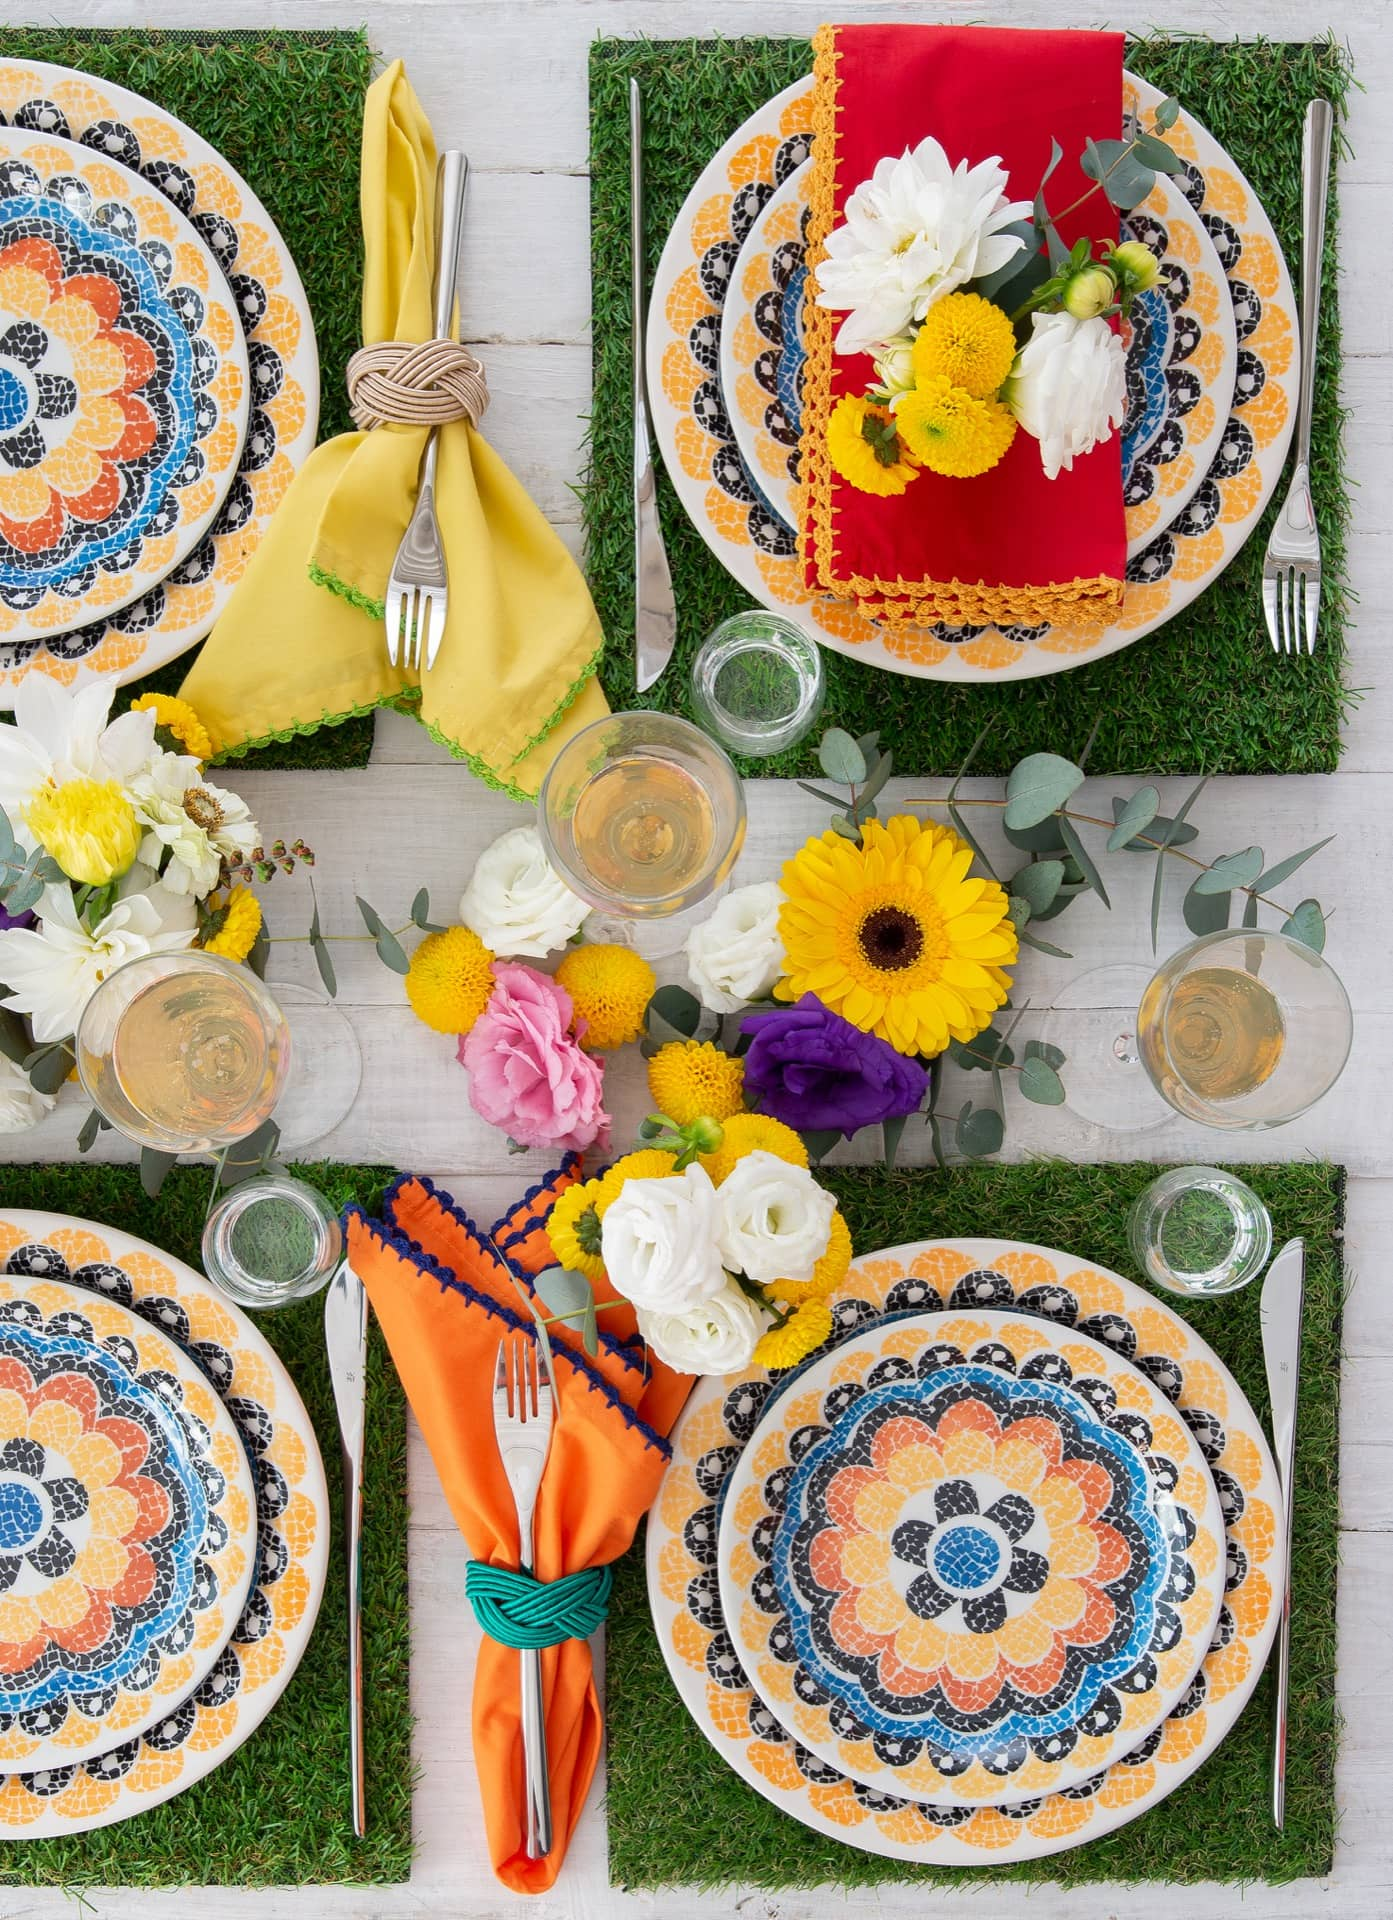 Imagem: Flores estilizadas enfeitam o conjunto de jantar Floreal Summer da Oxford Daily.Jogo americano de grama sintética da Villa Pano. Foto: Cacá Bratke